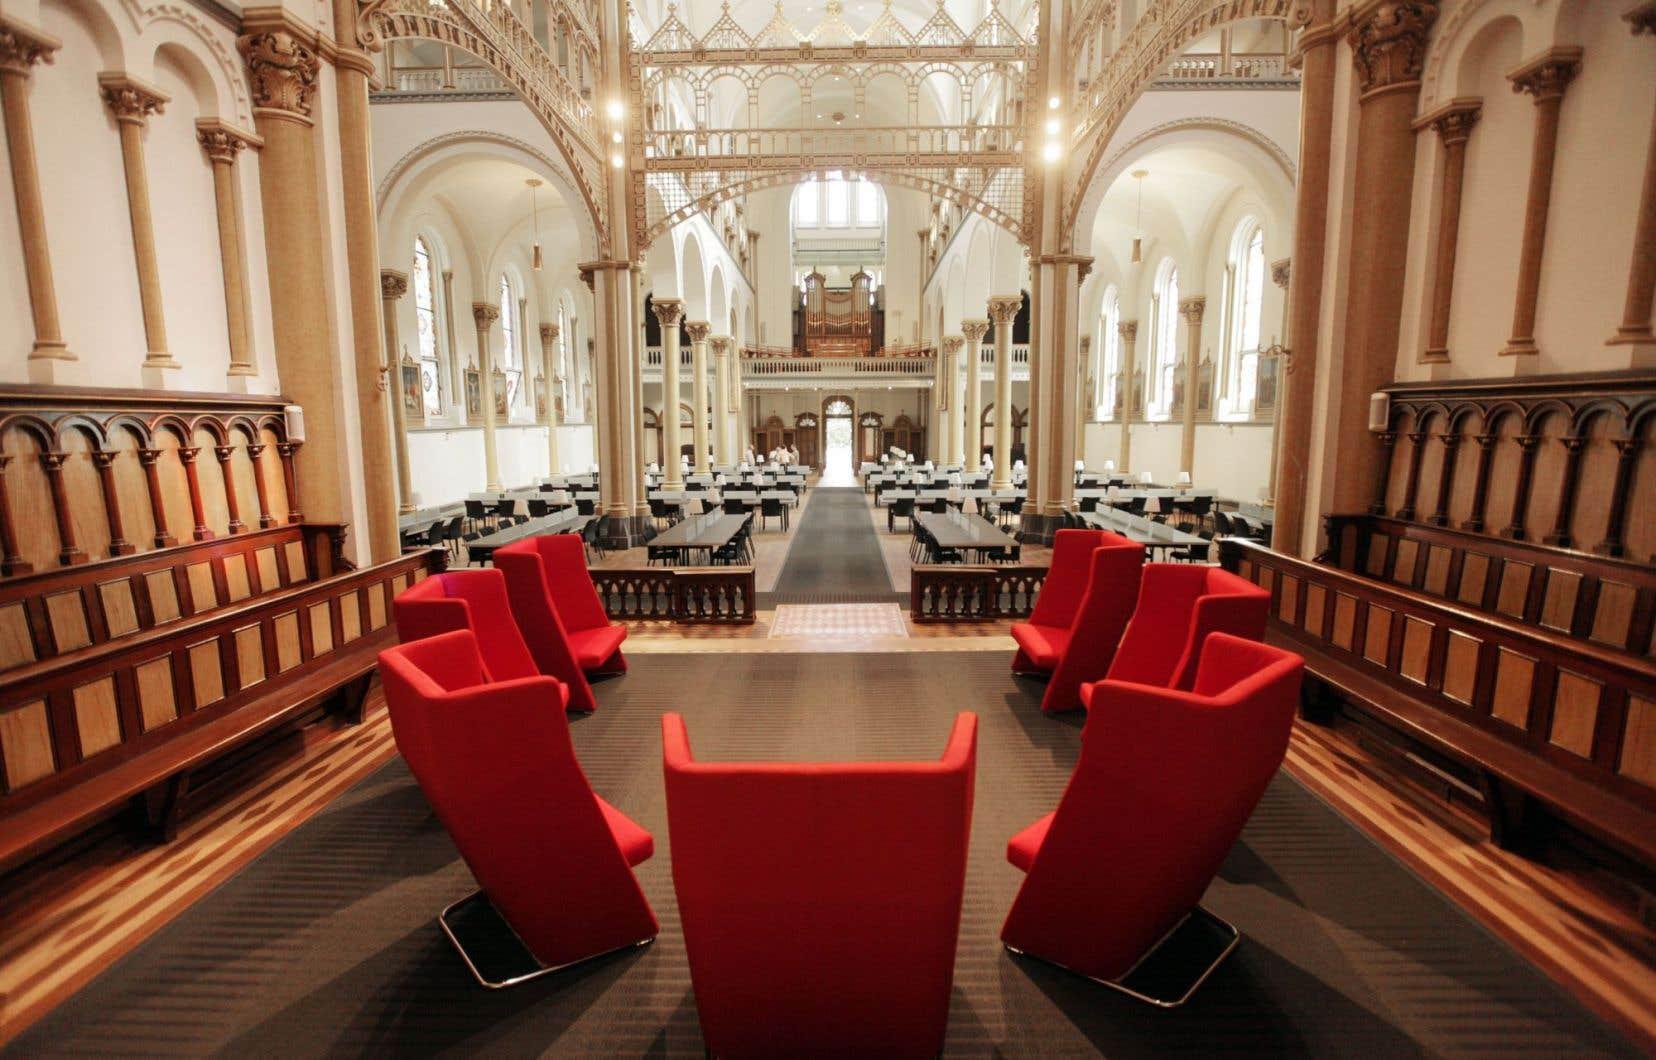 L'ancienne chapelle a été transformée en salle de lecture dans le pavillon des soeurs grises de l'Université Concordia.